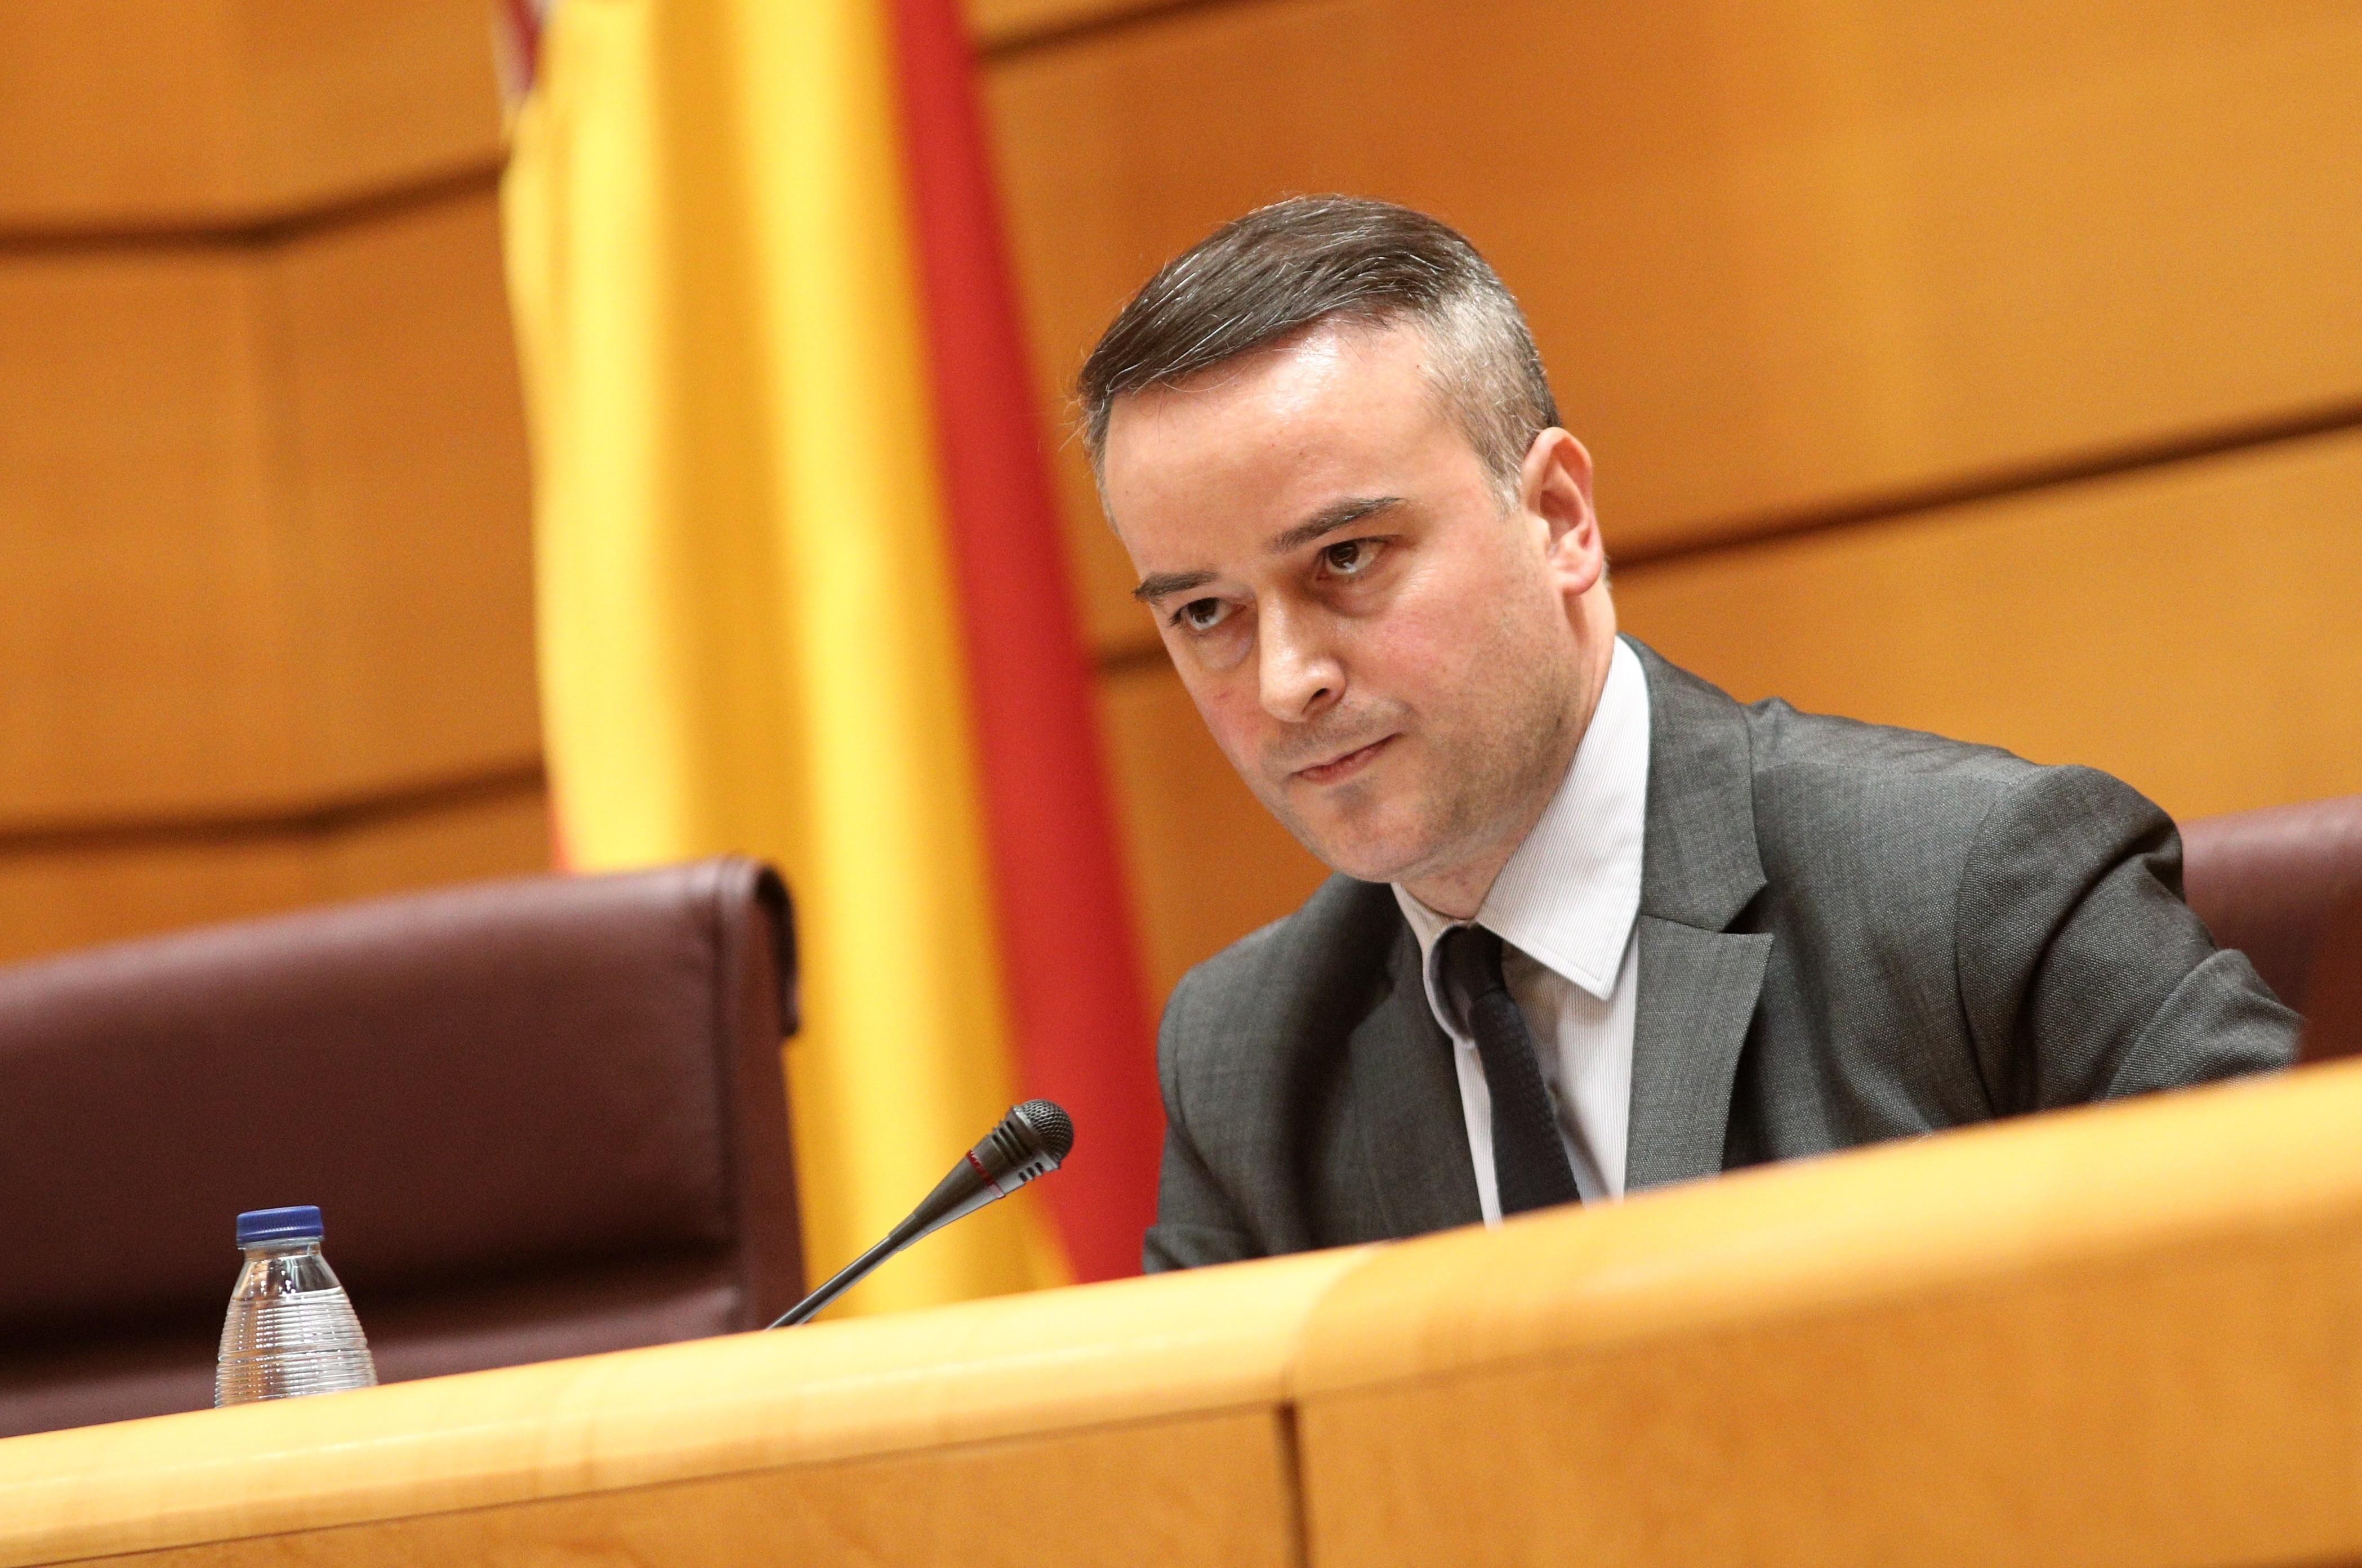 Estupor en el PSOE por el artículo de Iván Redondo promocionando el plan 'España 2050'